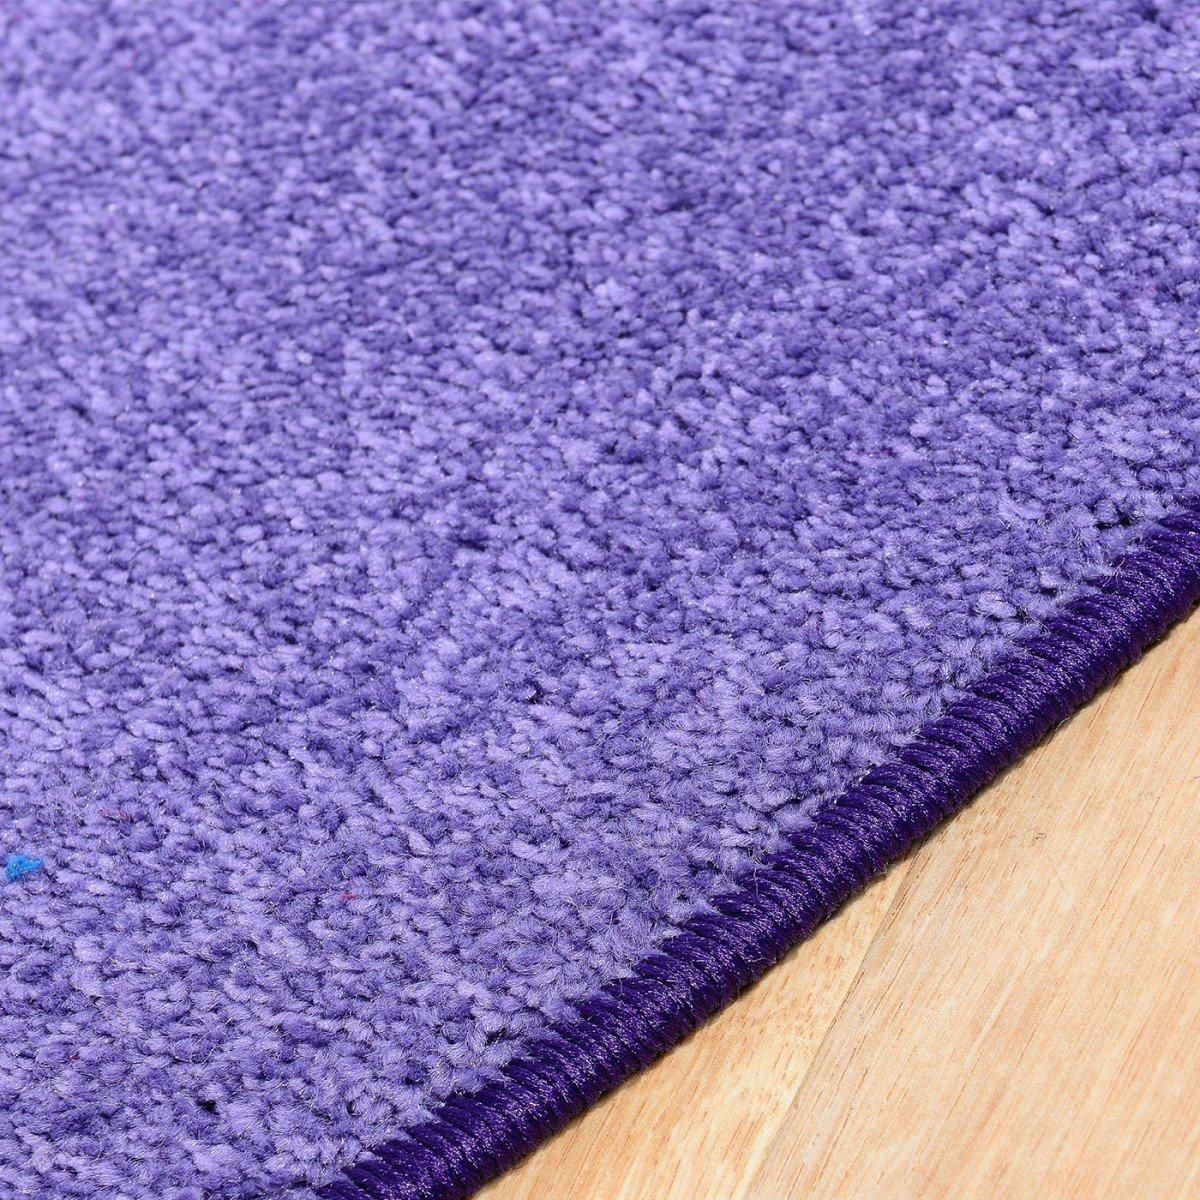 Havatex Teppich Kräusel Velour Velour Velour Burbon rund - 16 moderne sowie klassische Farben   schadstoffgeprüft pflegeleicht & robust   ideal für Wohnzimmer, Farbe Rot, Größe 180 cm rund B00FQ109D6 Teppiche d14943